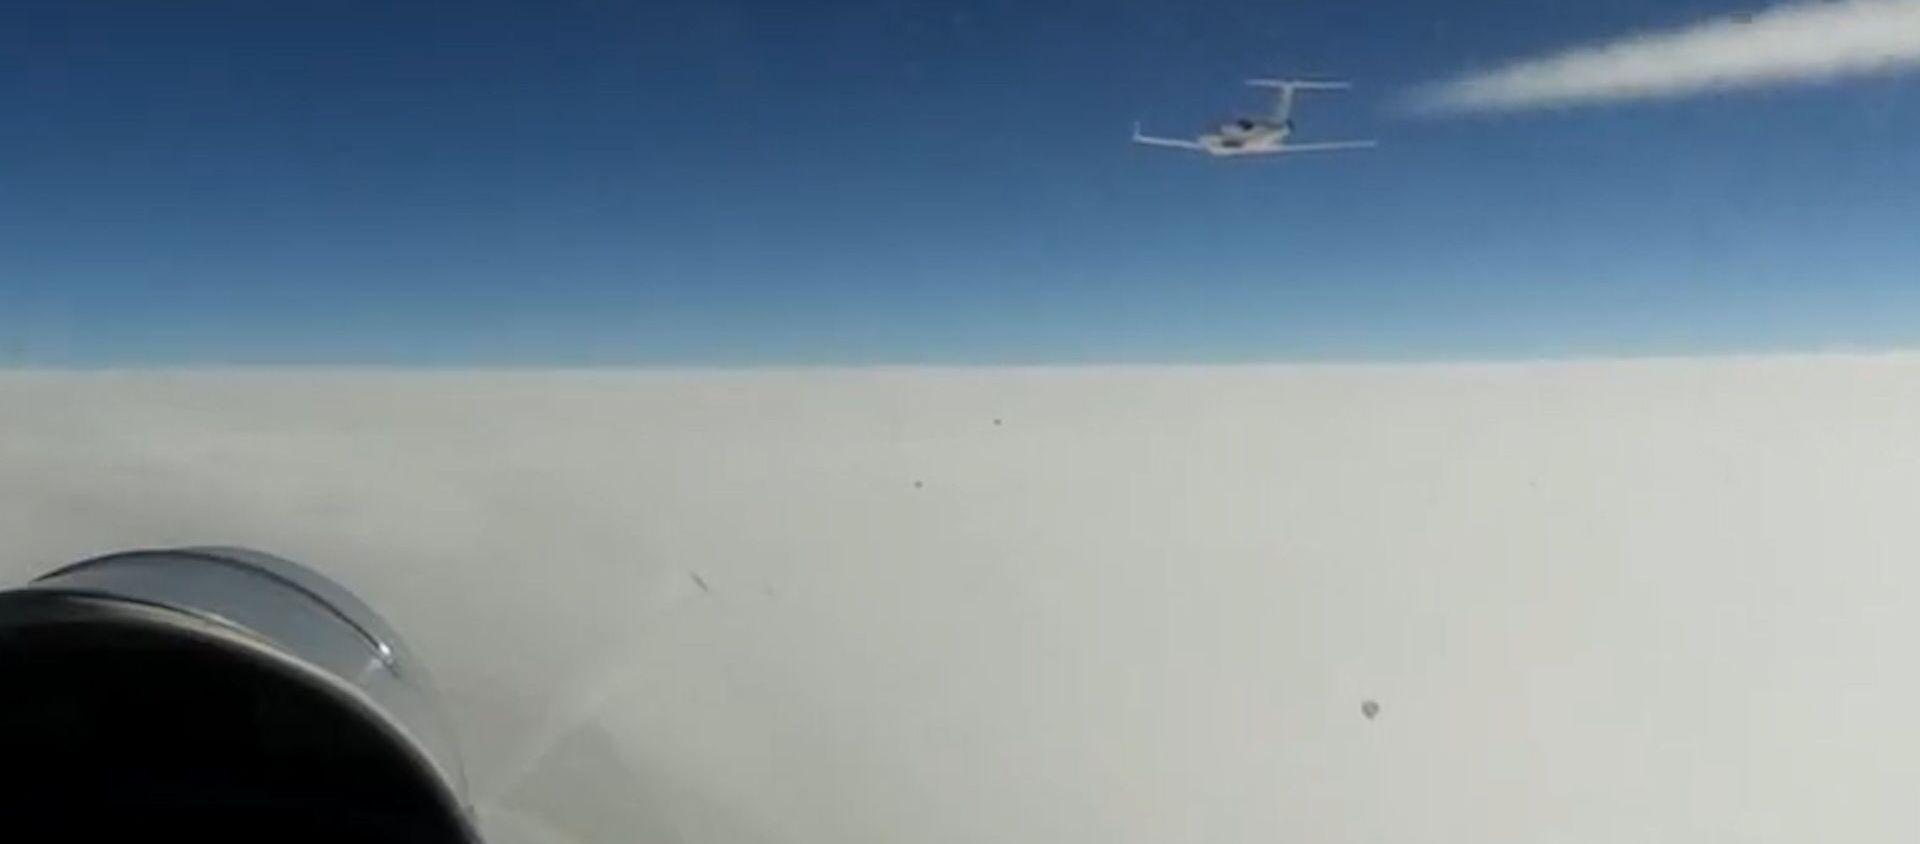 Российский истребитель перехватил над Балтикой два самолета–разведчика - Sputnik Грузия, 1920, 09.09.2020